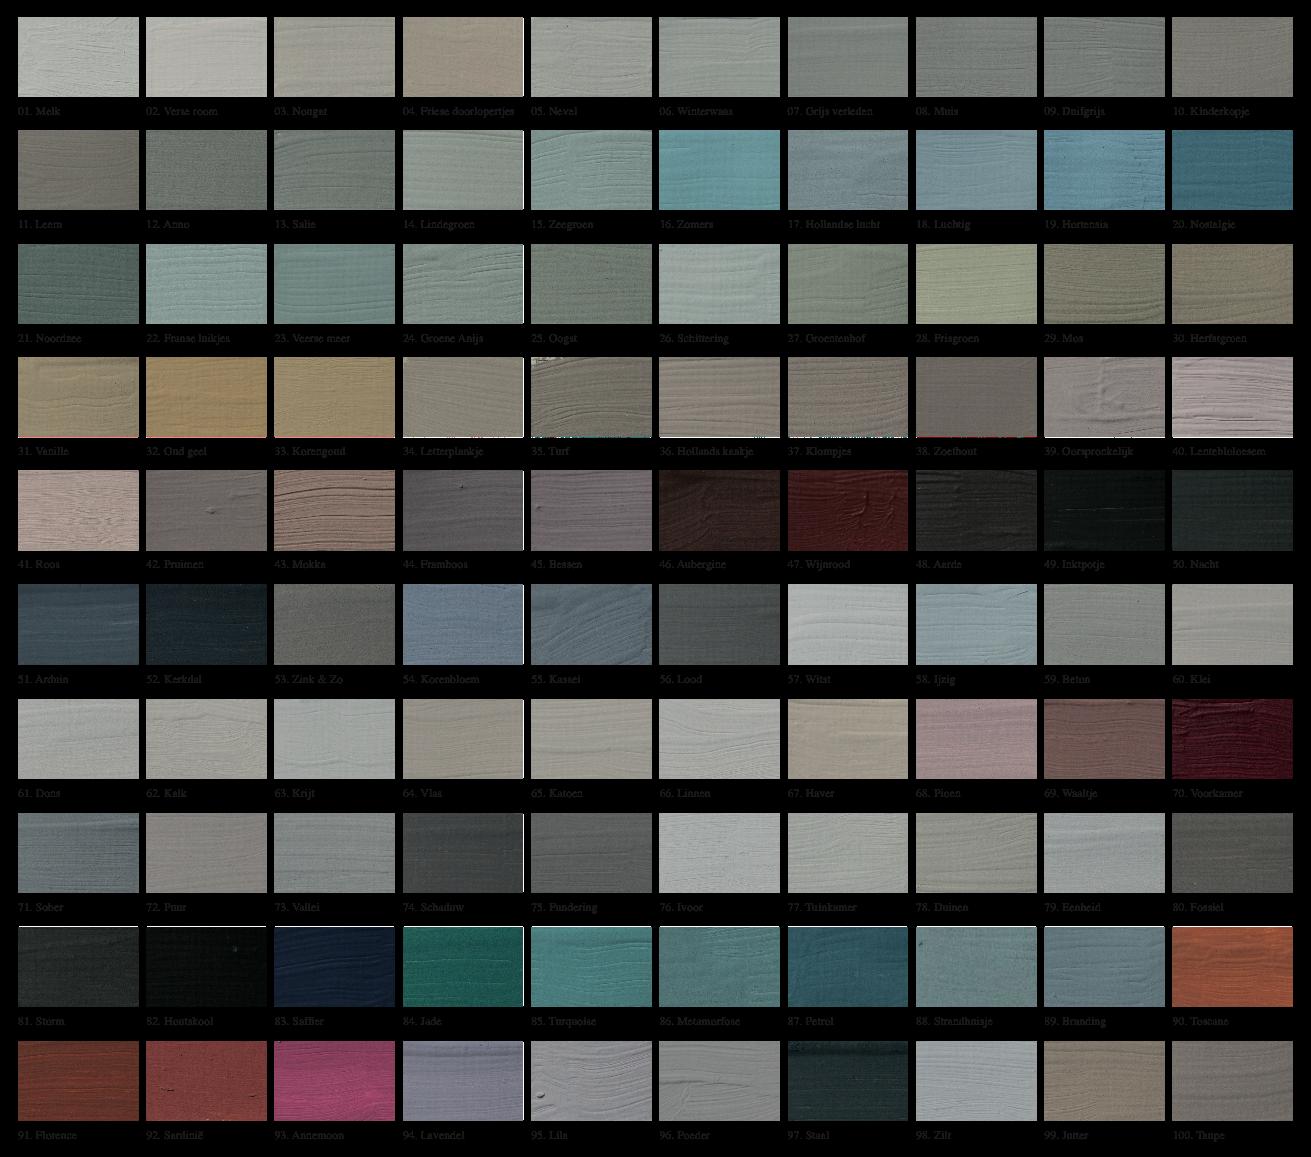 L 39 authentique kleurenkaart vergroot de winter pinterest verf verfkleuren en kleuren - Grijze taupe kleurenkaart ...